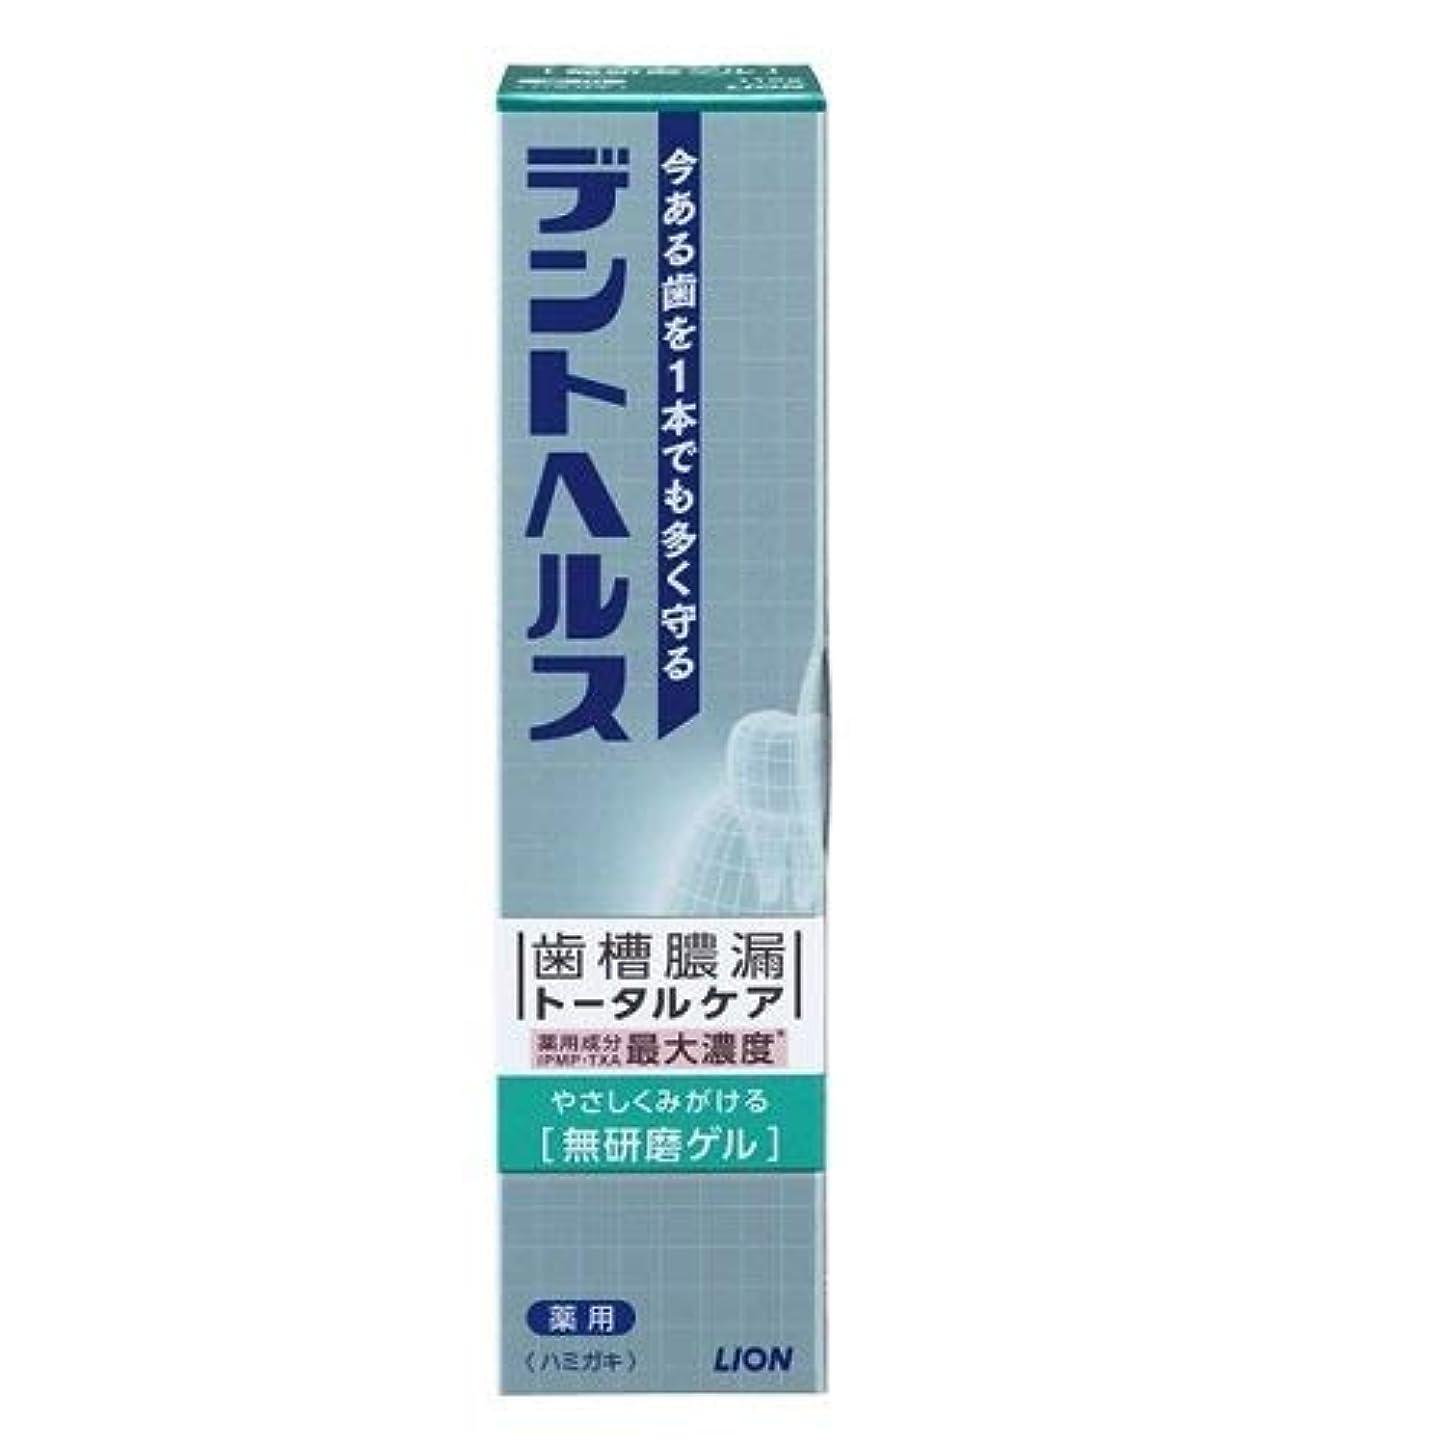 瀬戸際母歯痛ライオン デントヘルス 薬用ハミガキ 無研磨ゲル 115g (医薬部外品)× 4